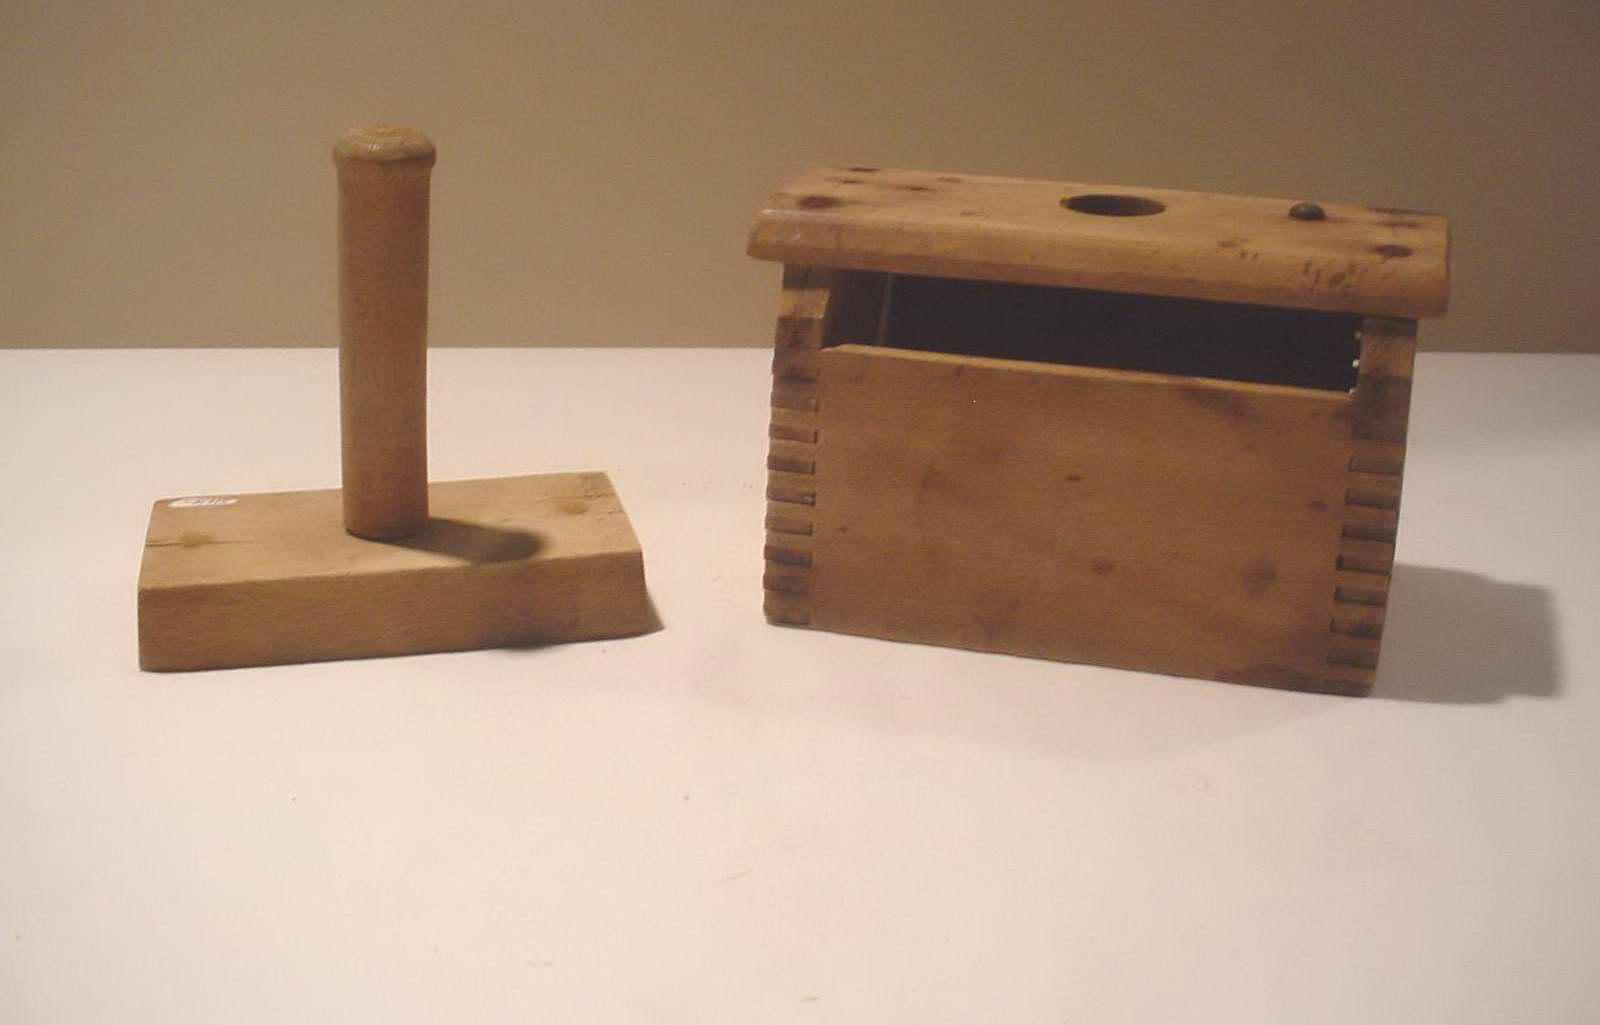 High Plains Museum | HHG030 1 pound wooden butter mold